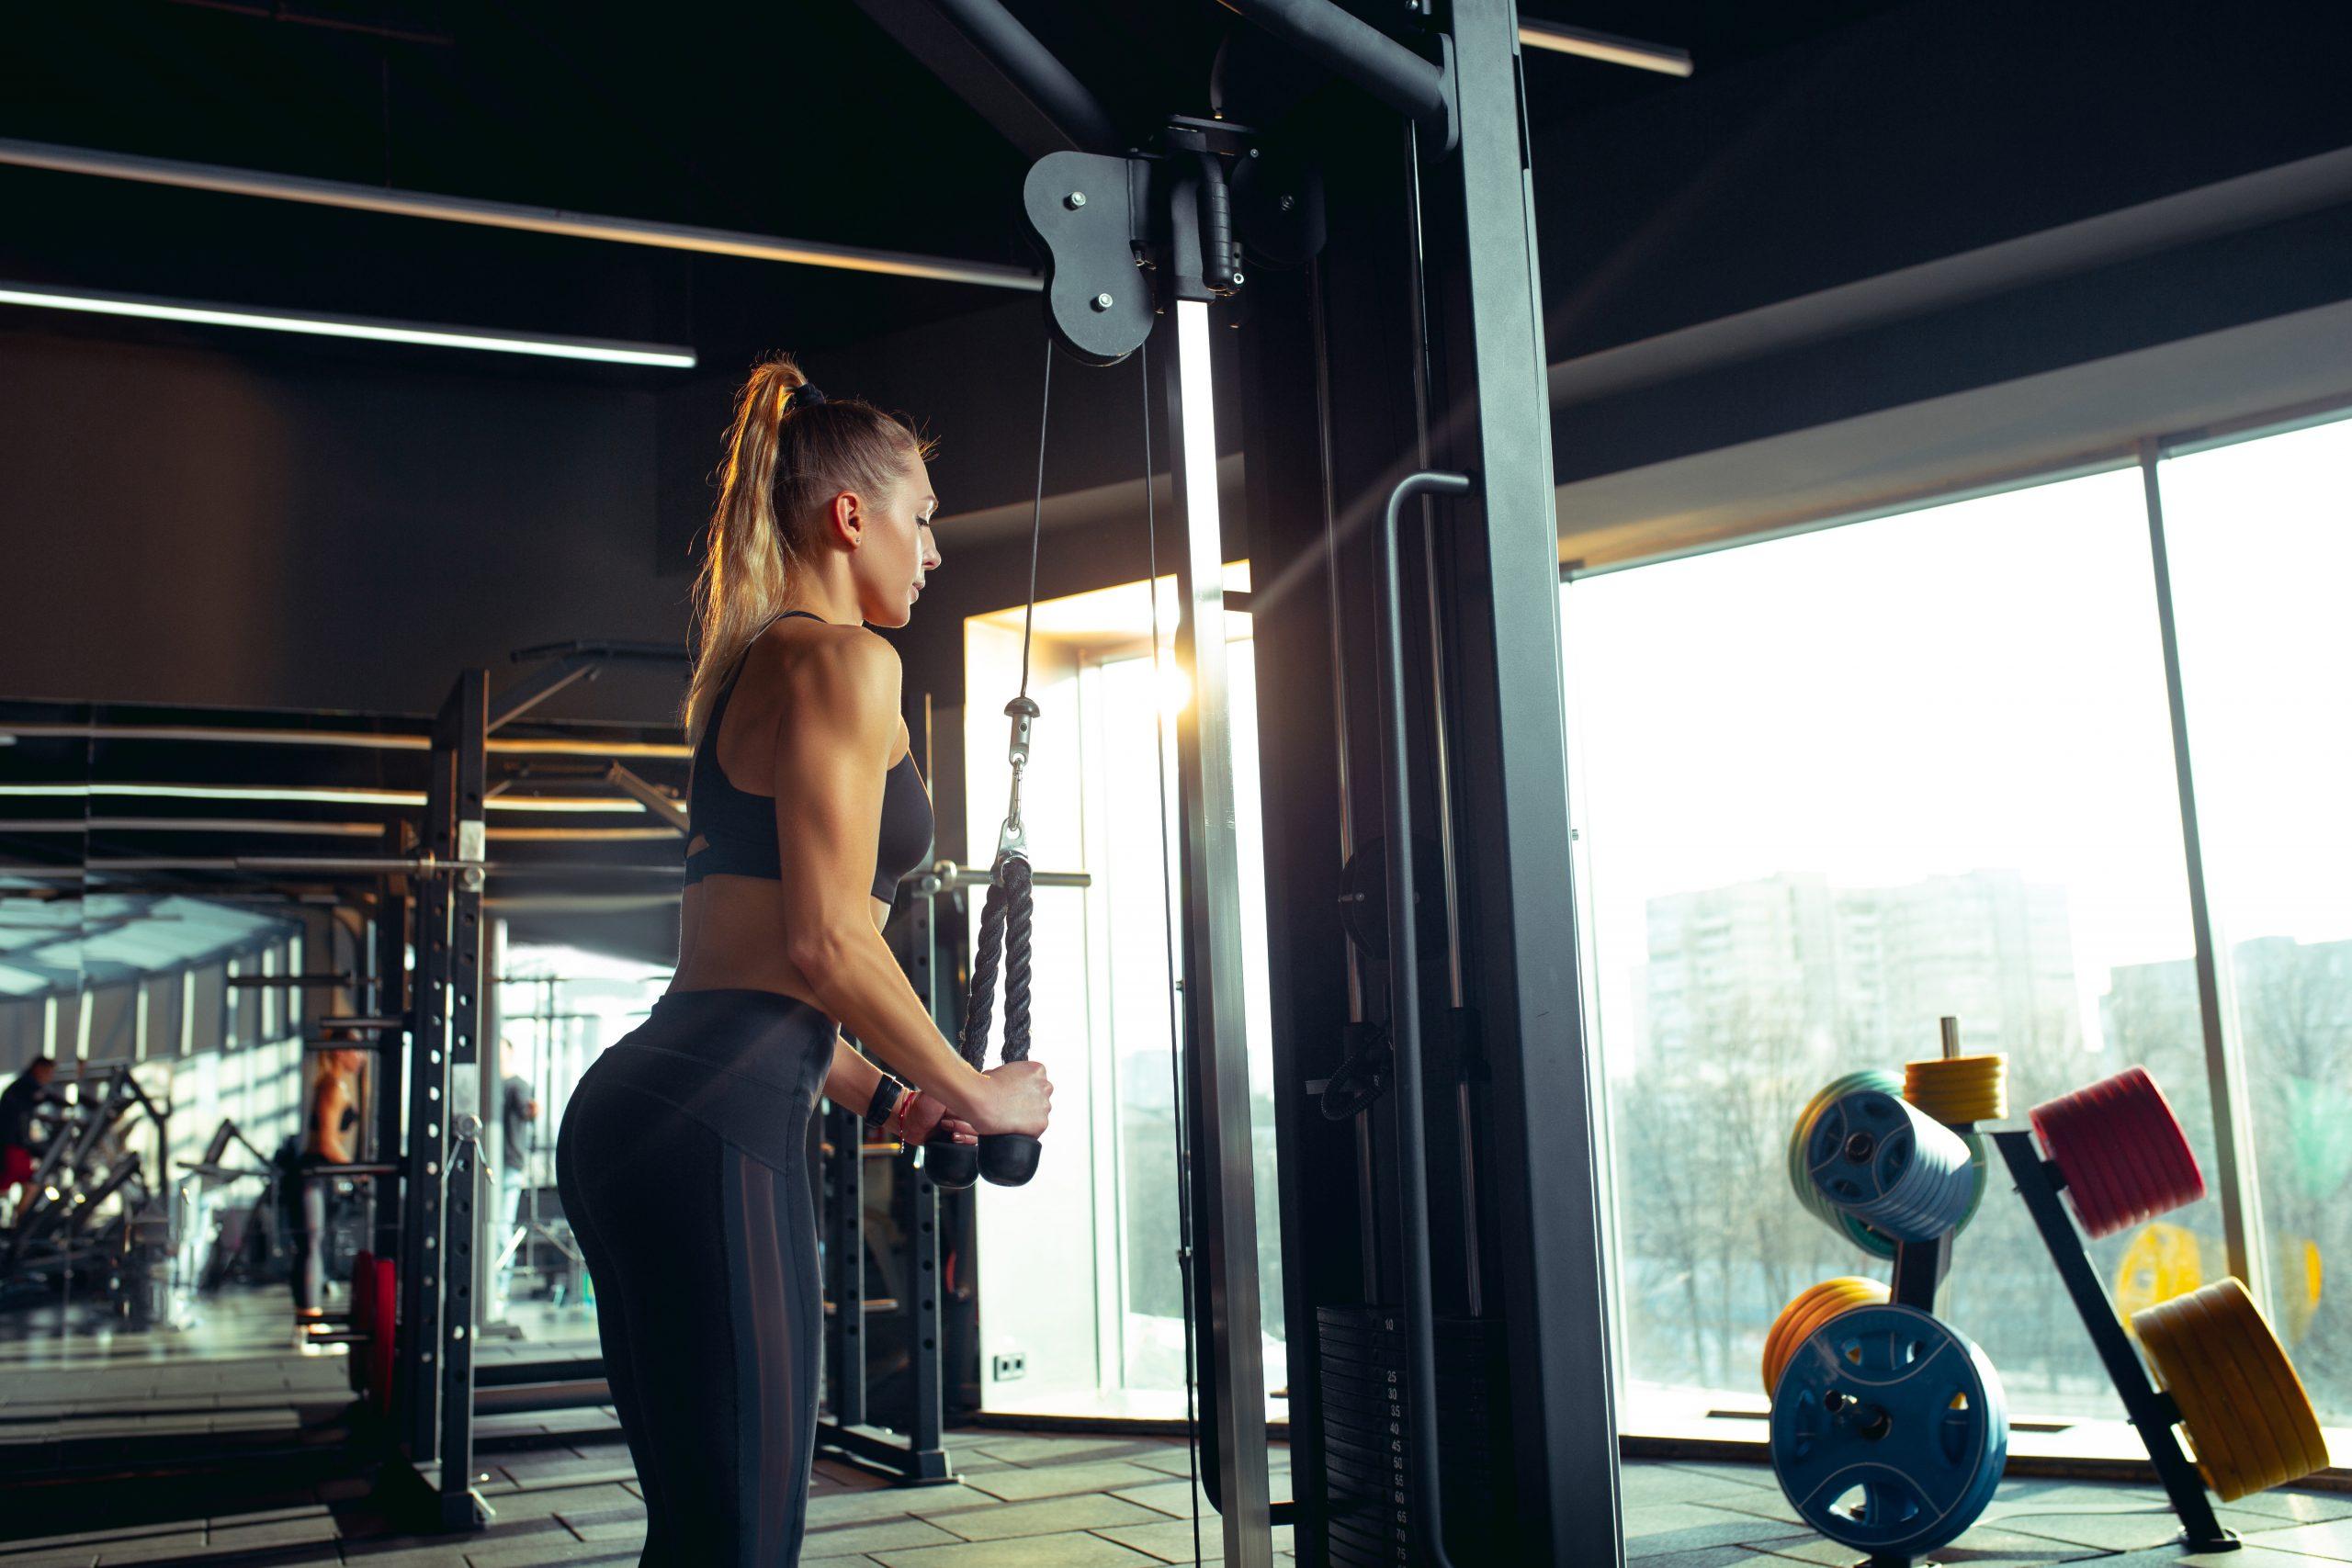 Mulher com roupa esportiva de pé na academia fazendo exercício com as cordas da estação de musculação